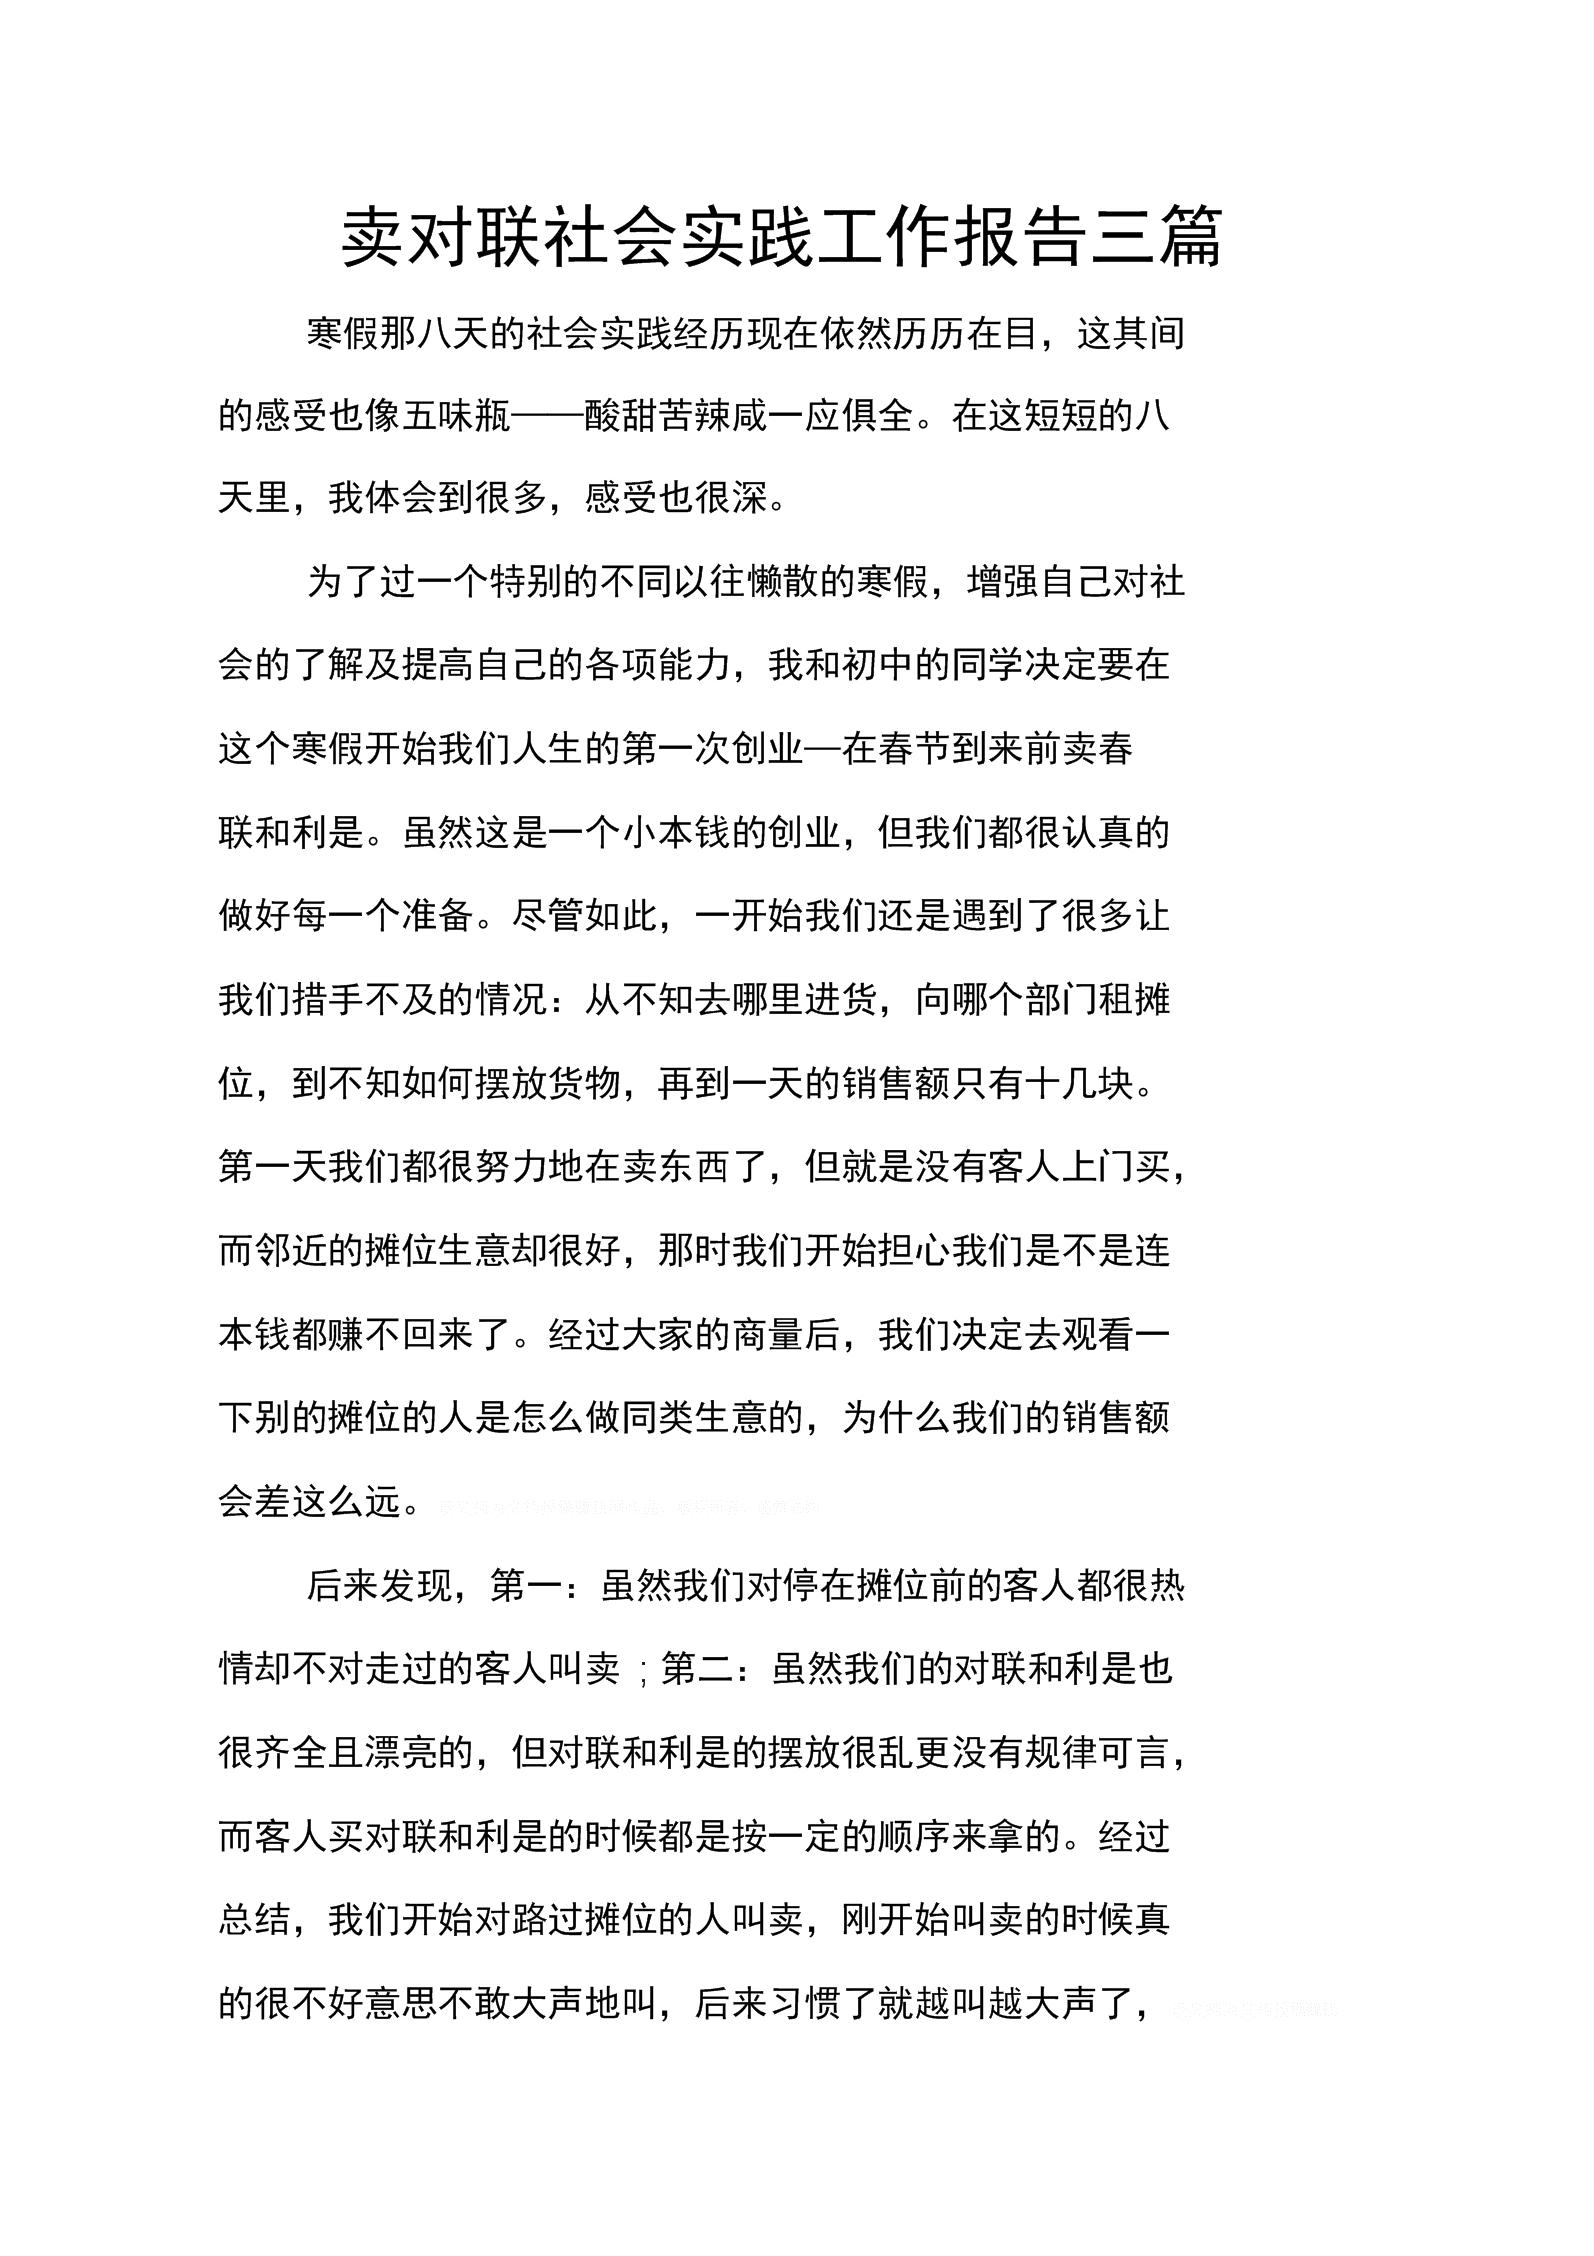 卖对联社会实践工作报告三篇.docx